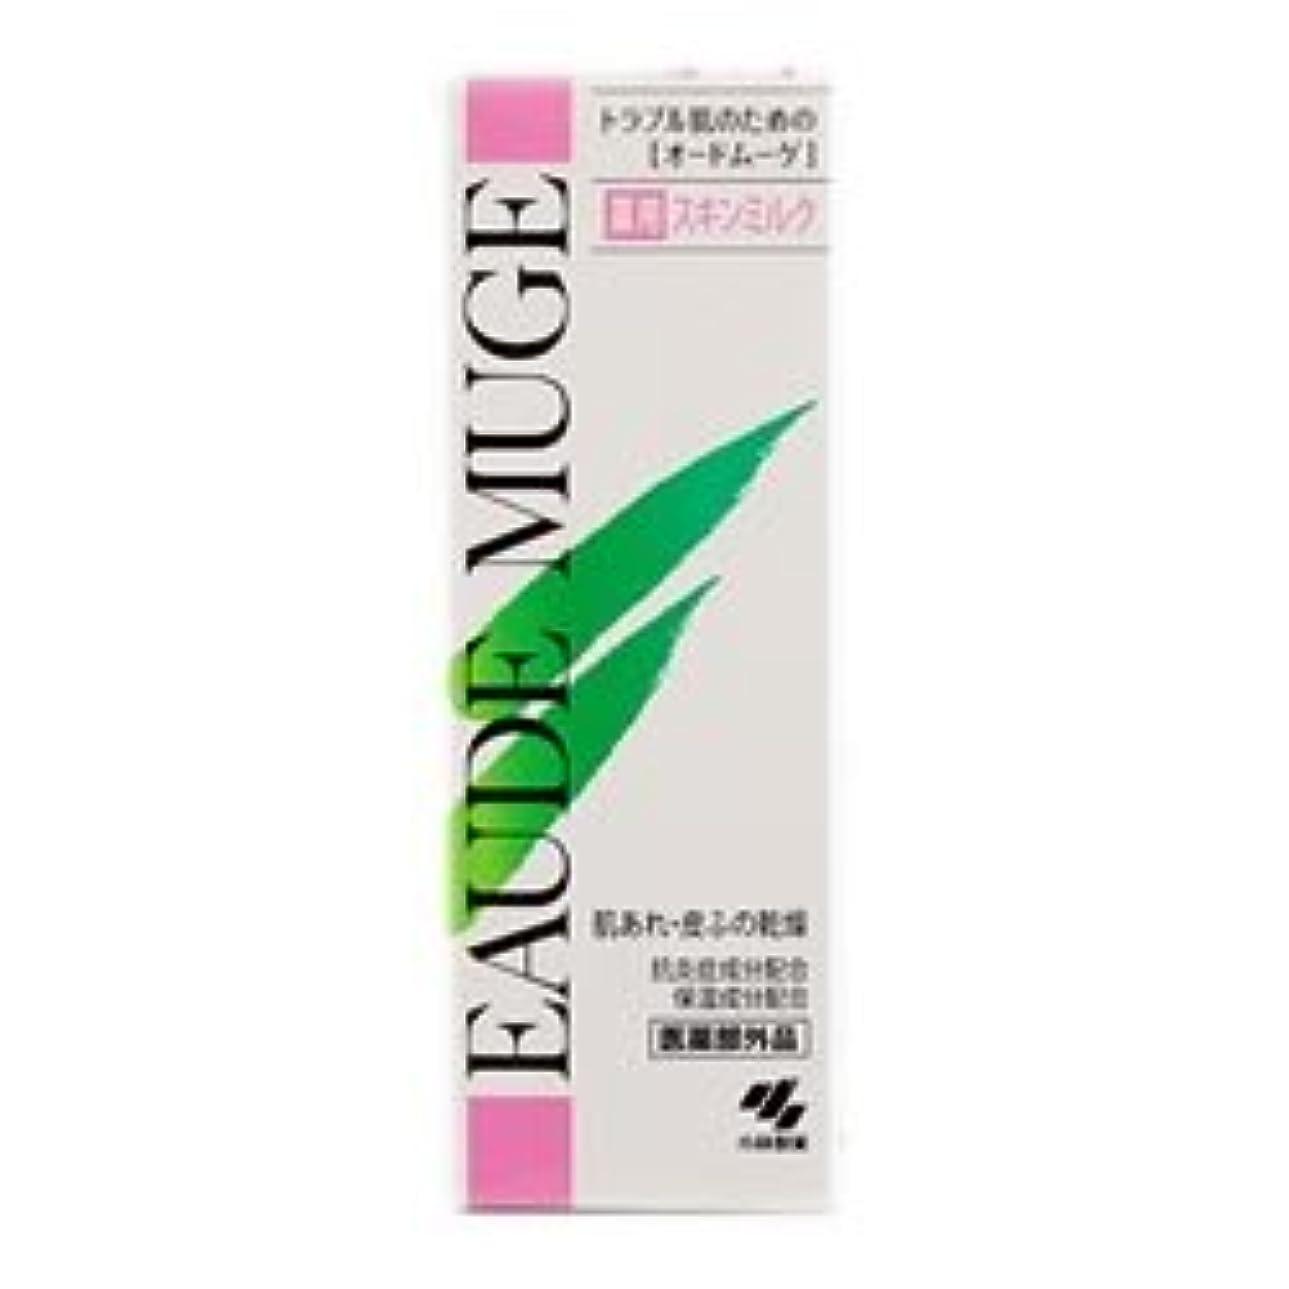 ビジネススプリット近く【小林製薬】オードムーゲ薬用スキンミルク 100g ×3個セット